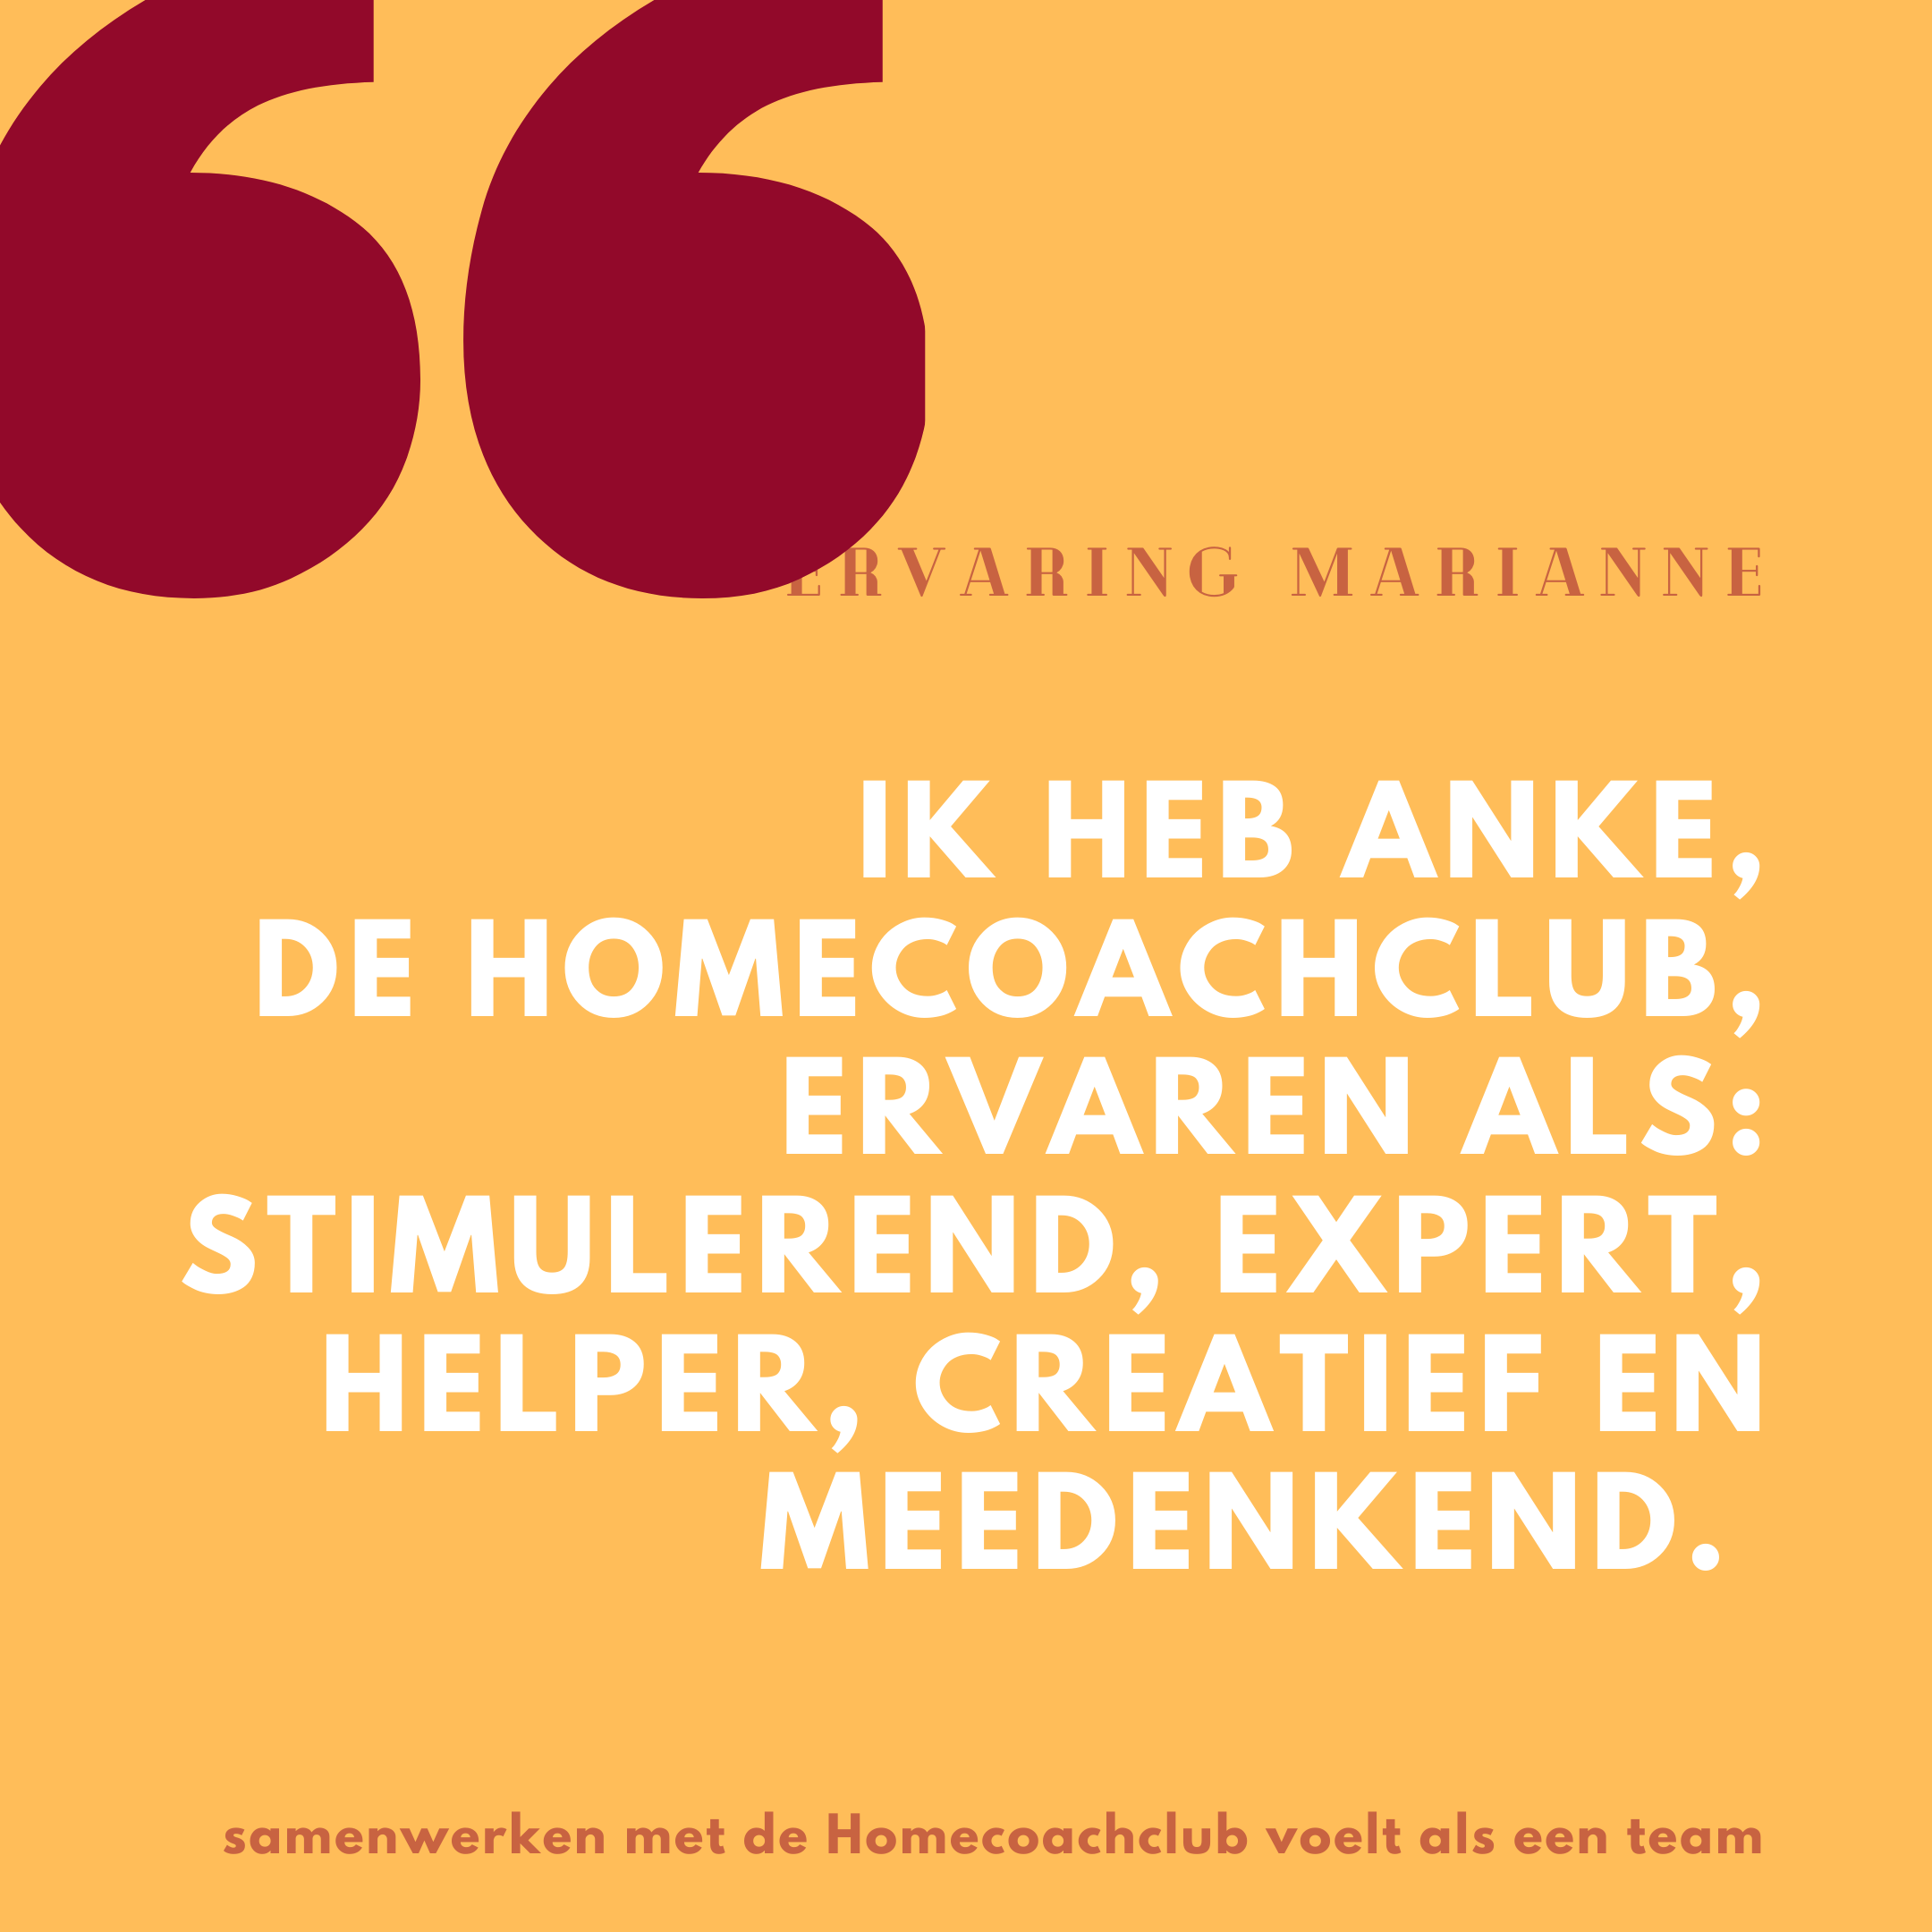 review Homecoachclub ervaren als